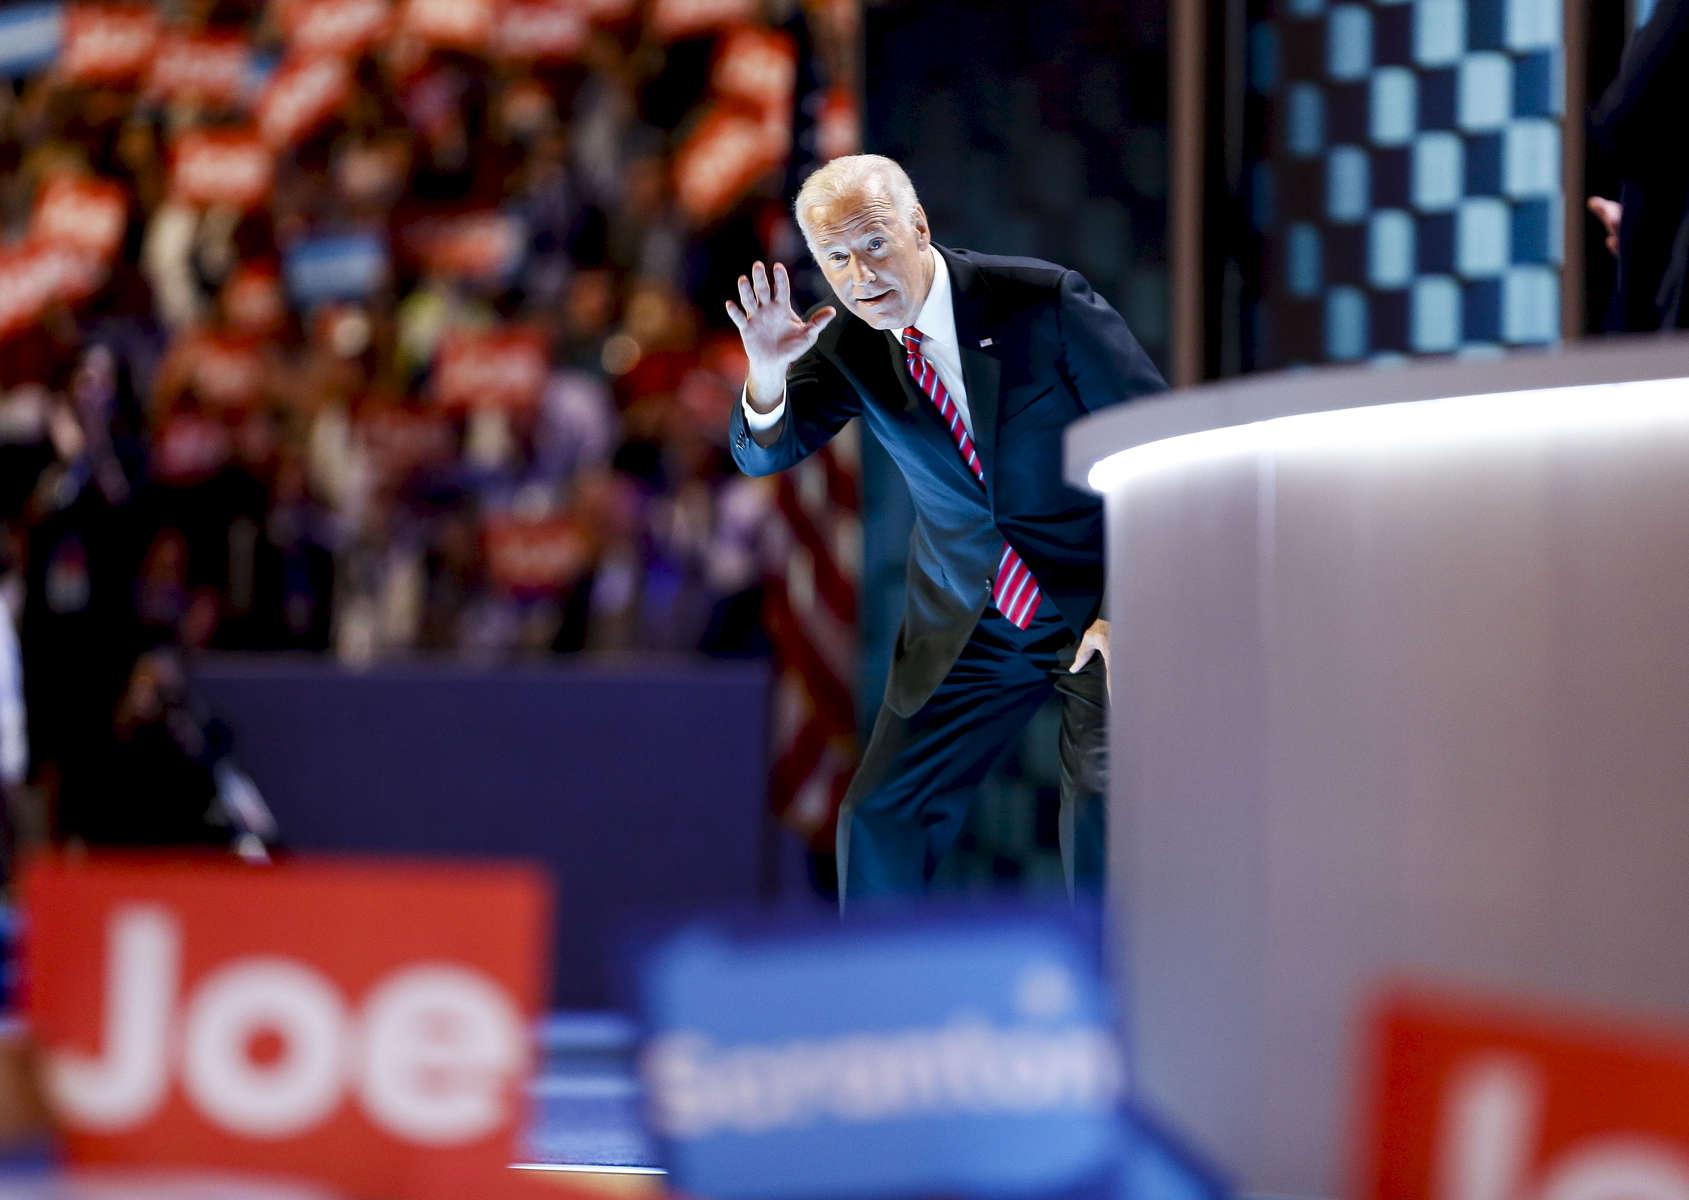 Vice President Joe Biden waves before speaking.